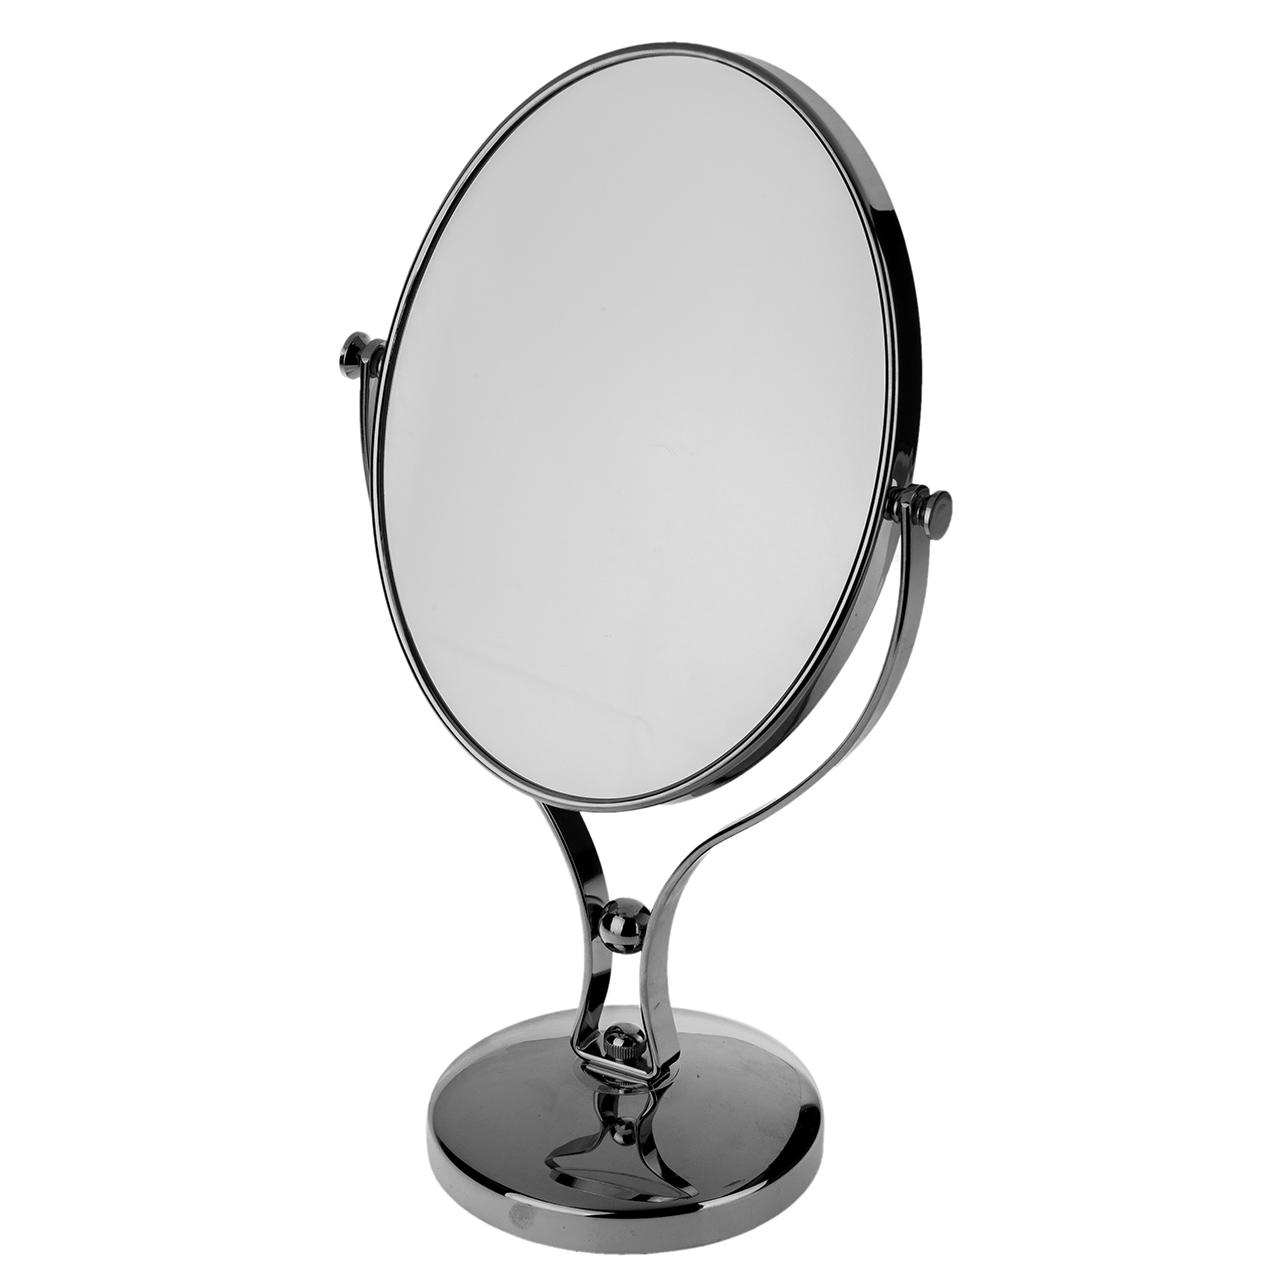 آینه آرایشی کد M1012 با بزرگنمایی 5X